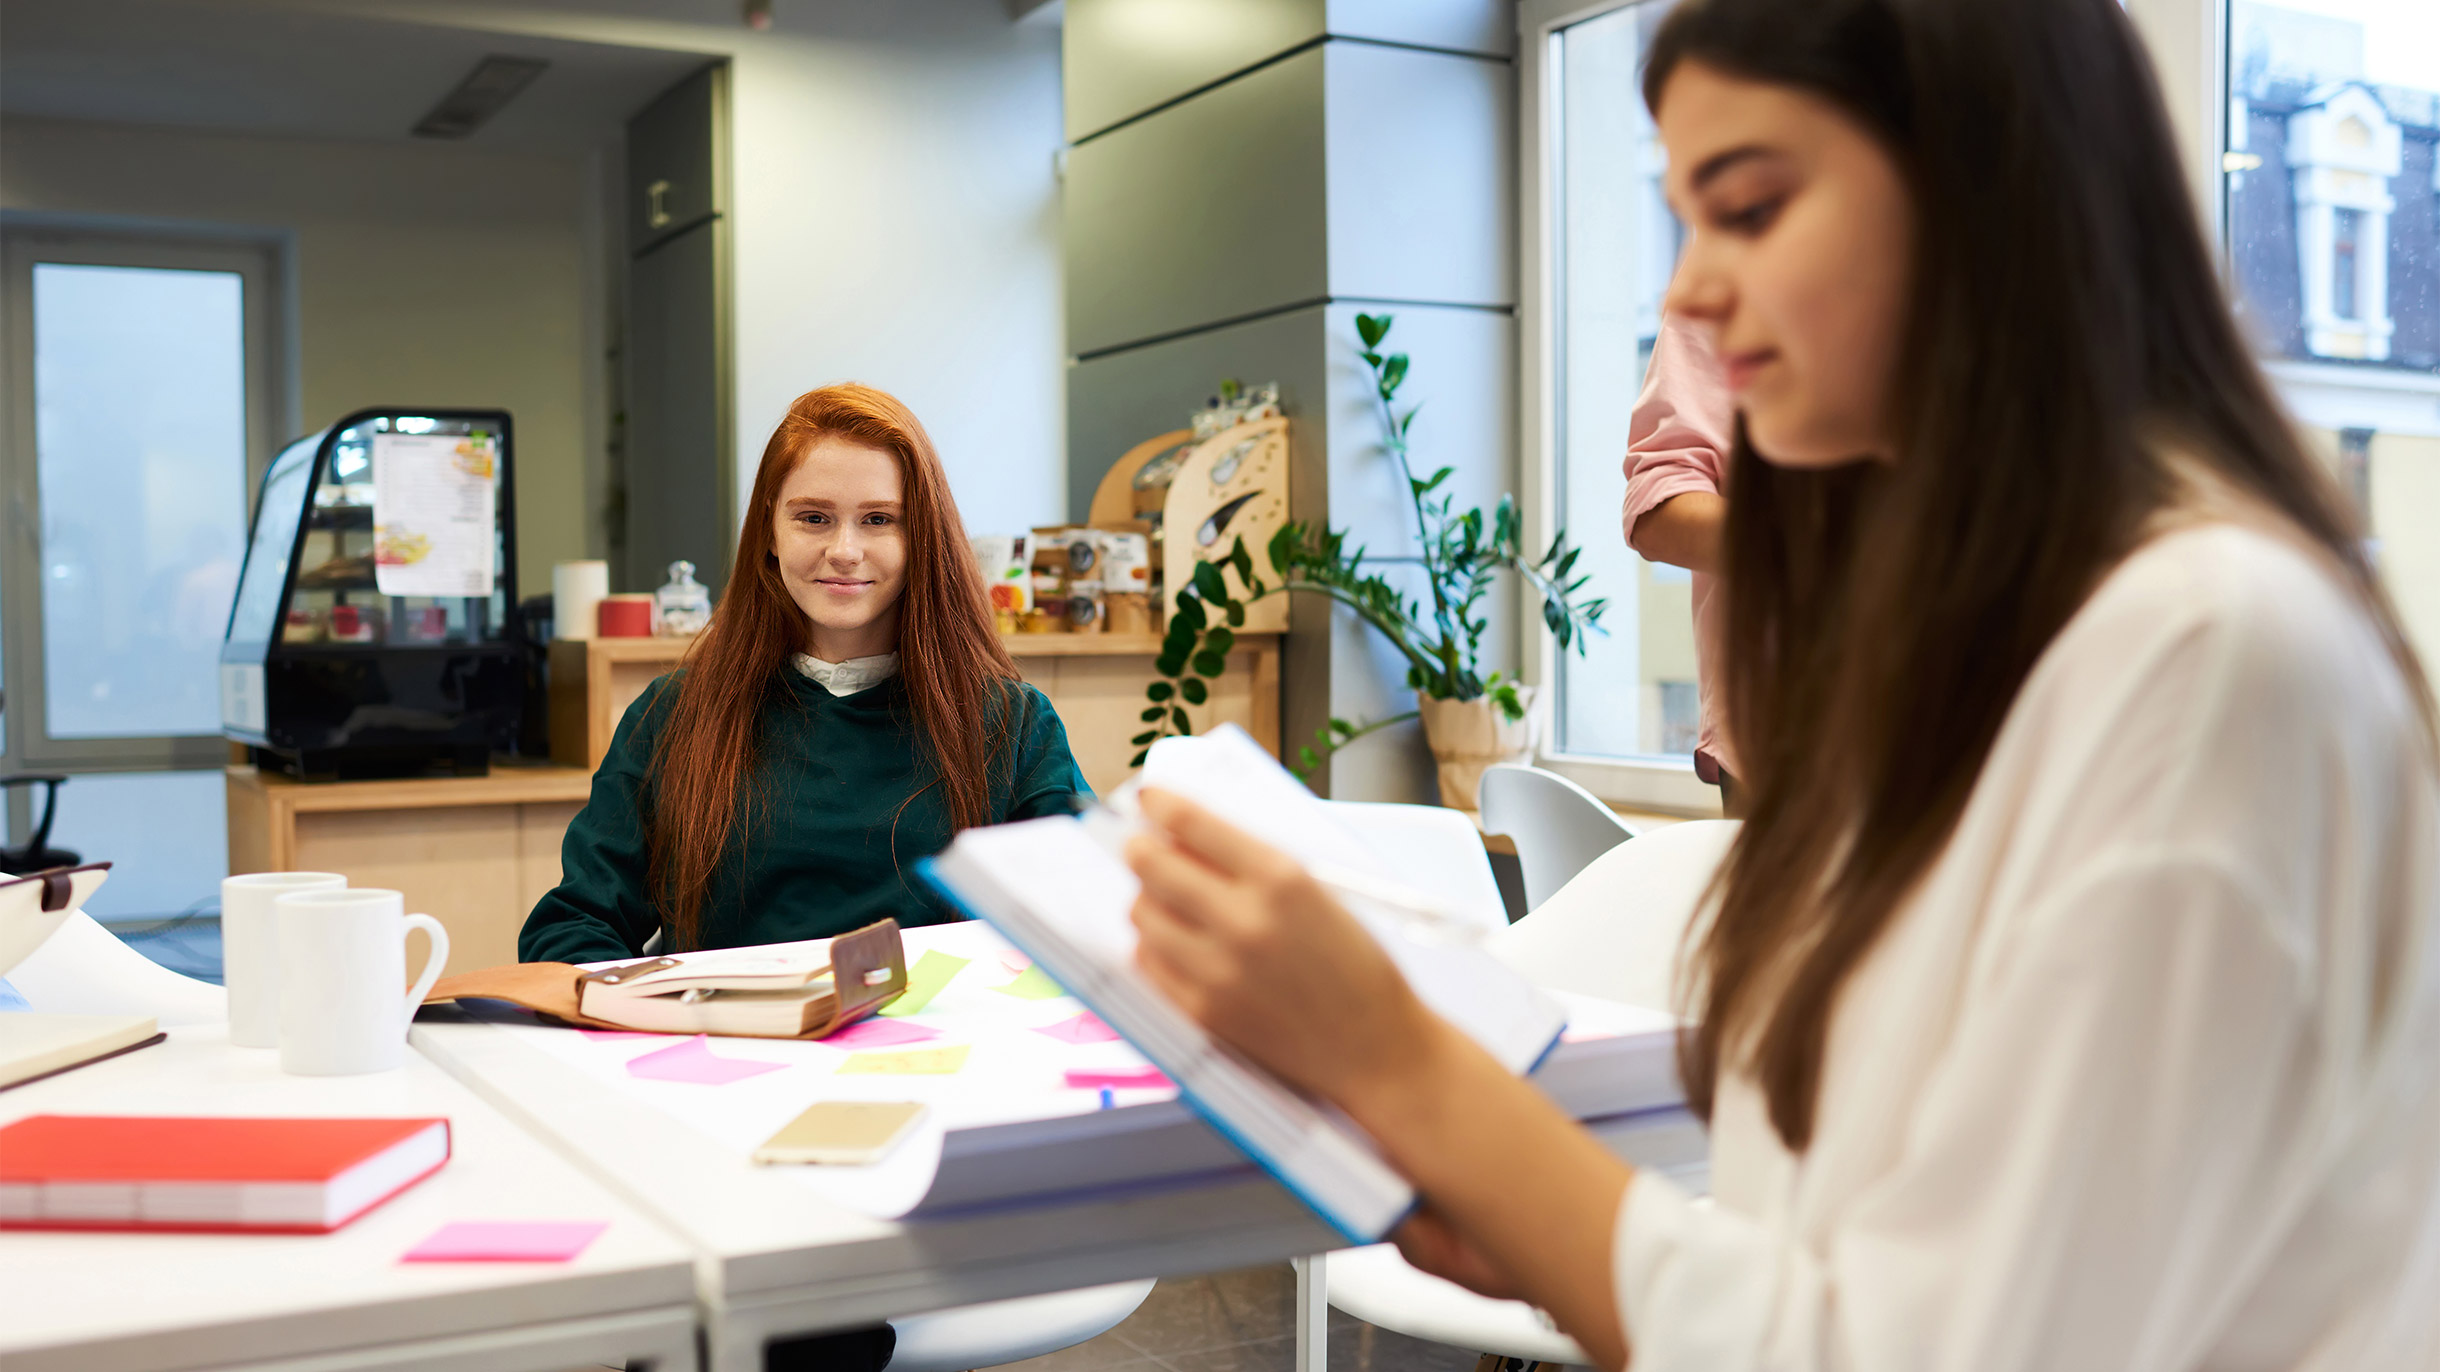 Малоимущим москвичам предлагают пройти бесплатный бизнес-курс английского языка